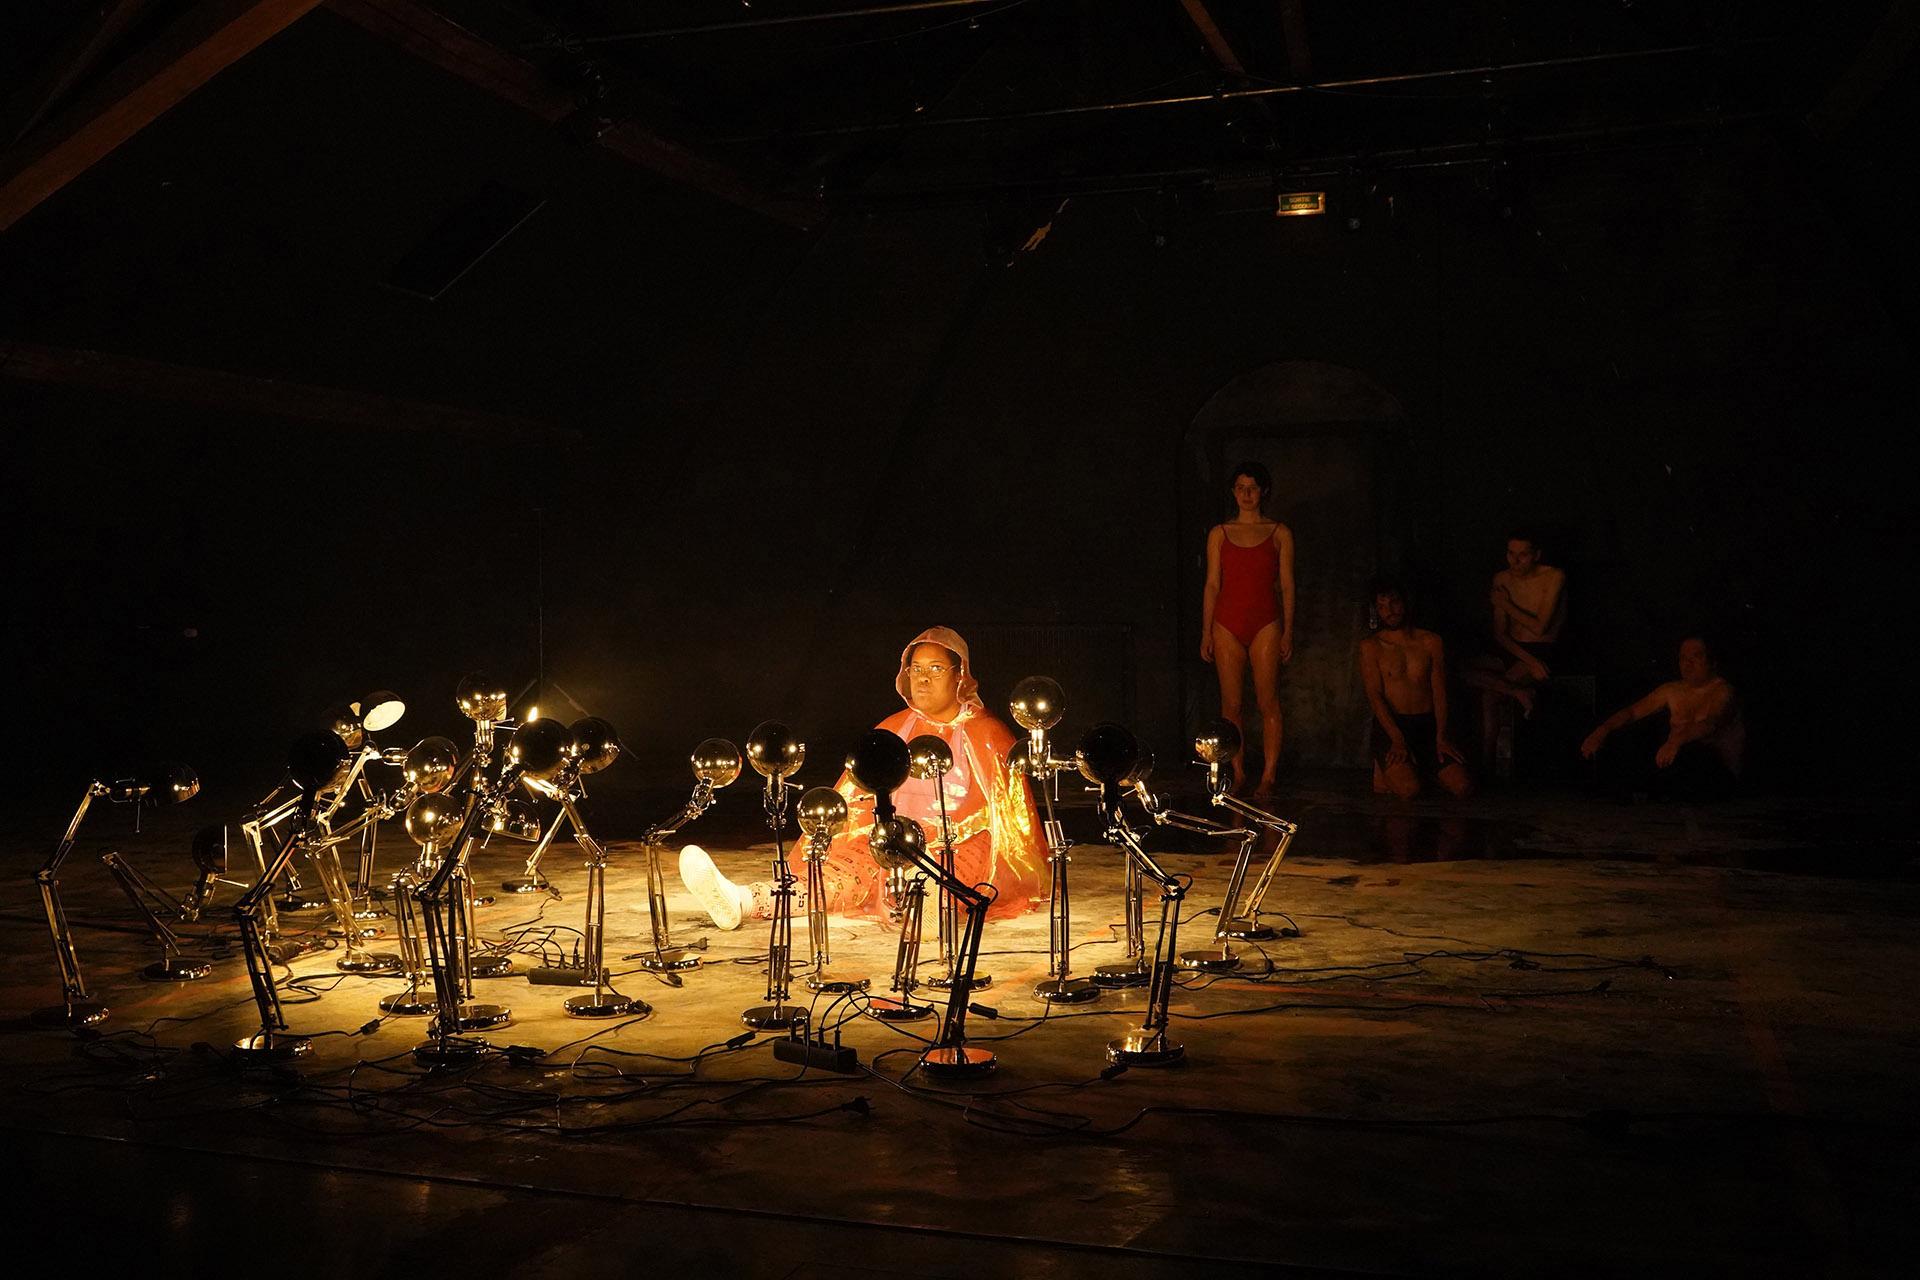 26 03 21 Chantal Visuel ©oiseau Mouche 4